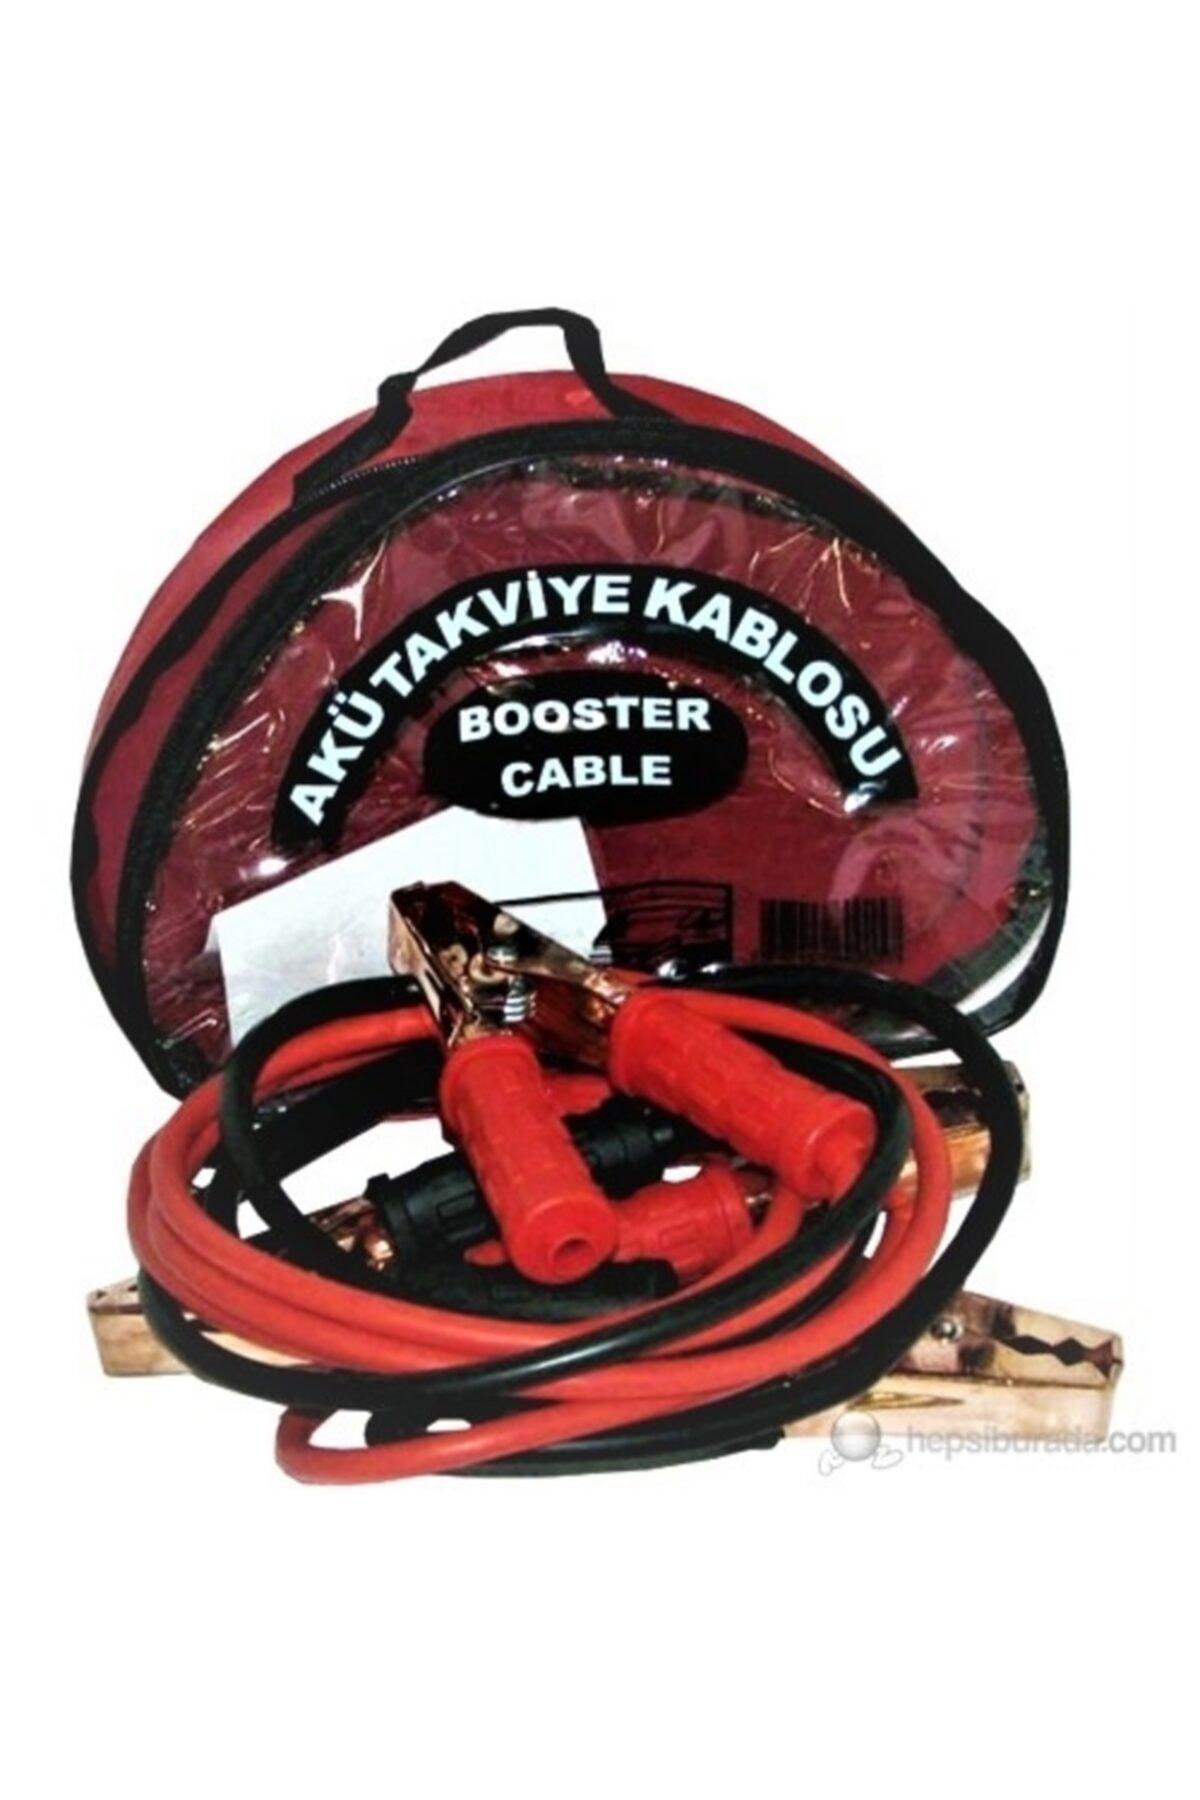 firsatgeldi Akü Takviye Kablosu 1200 Amper Çantalı - Videolu Ilan 2